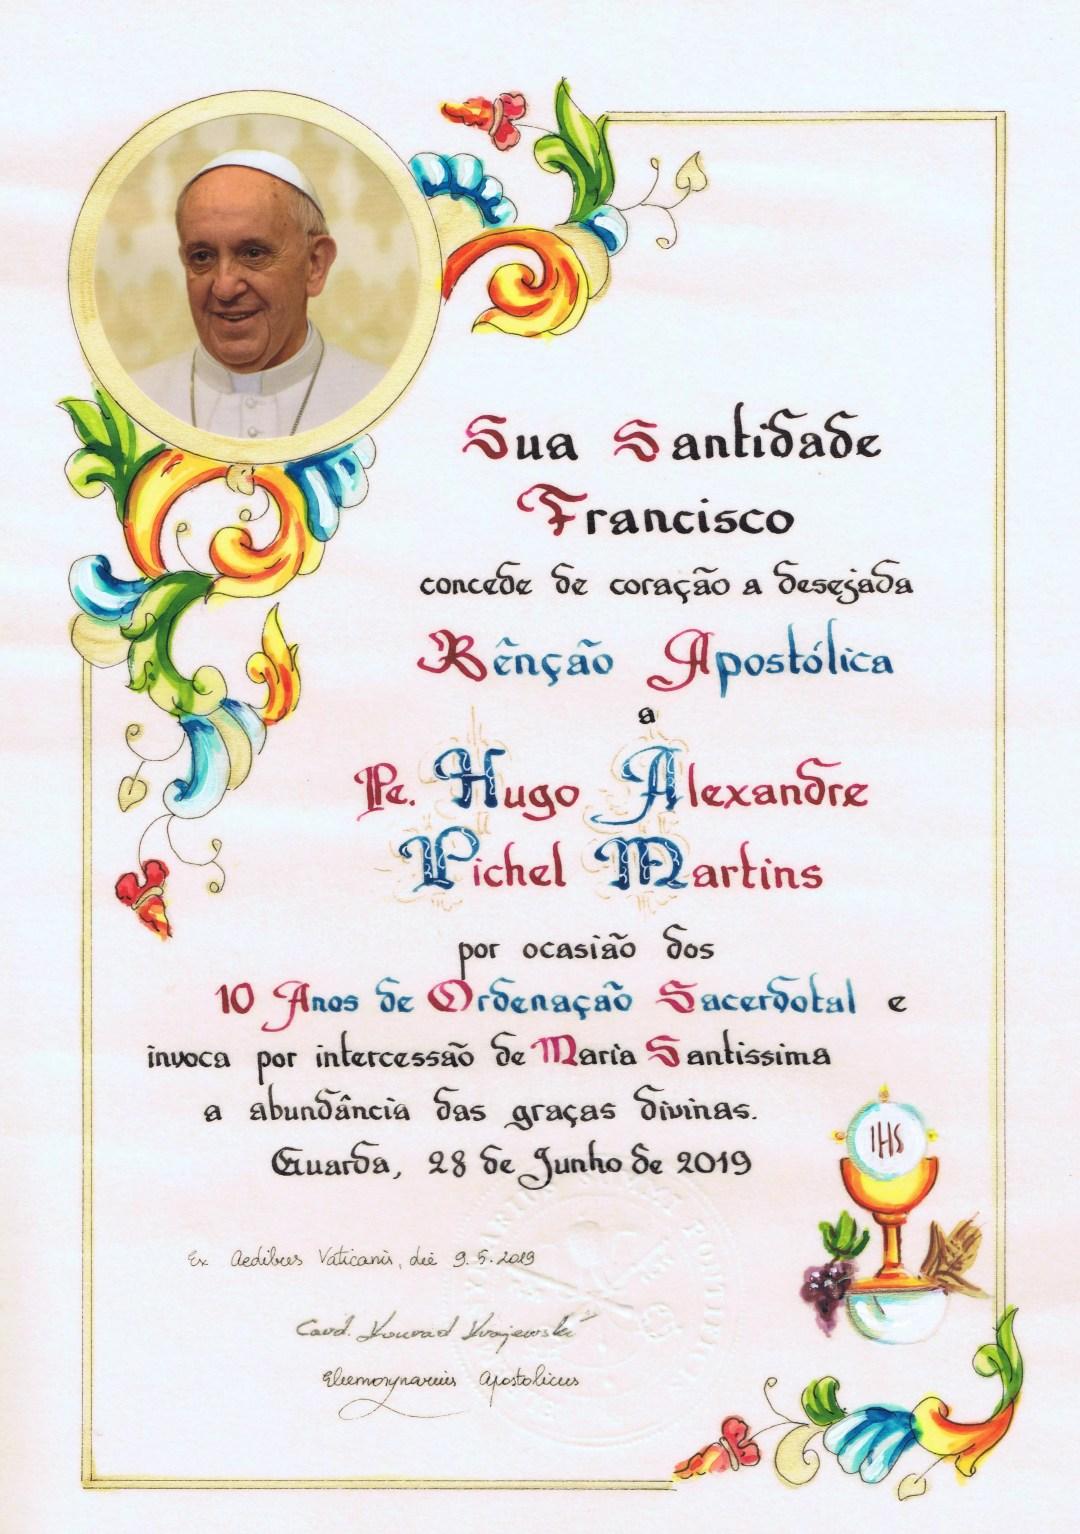 Papa Francisco: bênção pelo 10º Aniversário de Ordenação Sacerdotal